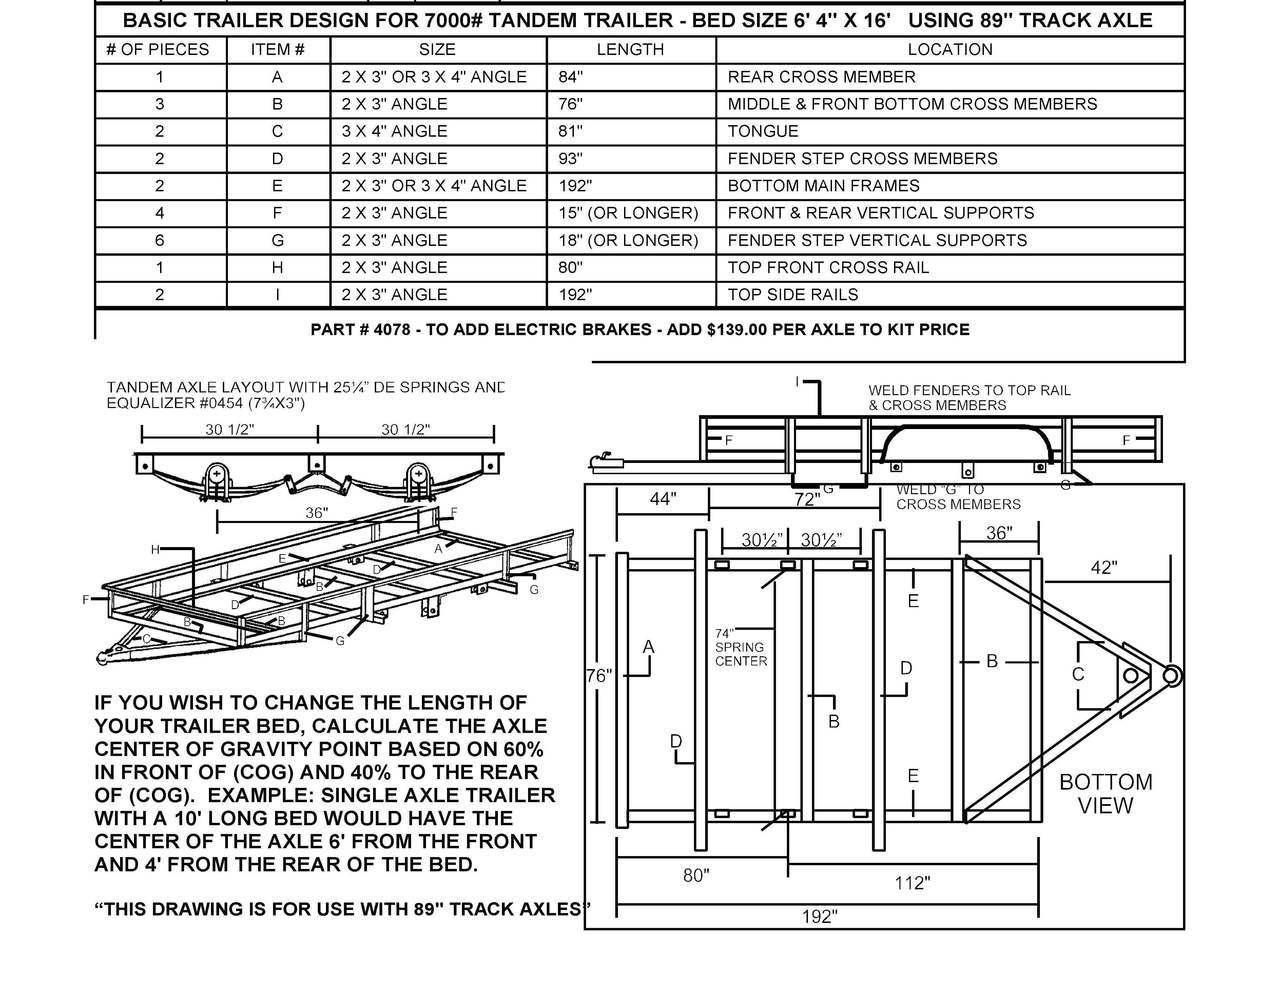 tandem trailer parts diagram [ 1280 x 1008 Pixel ]